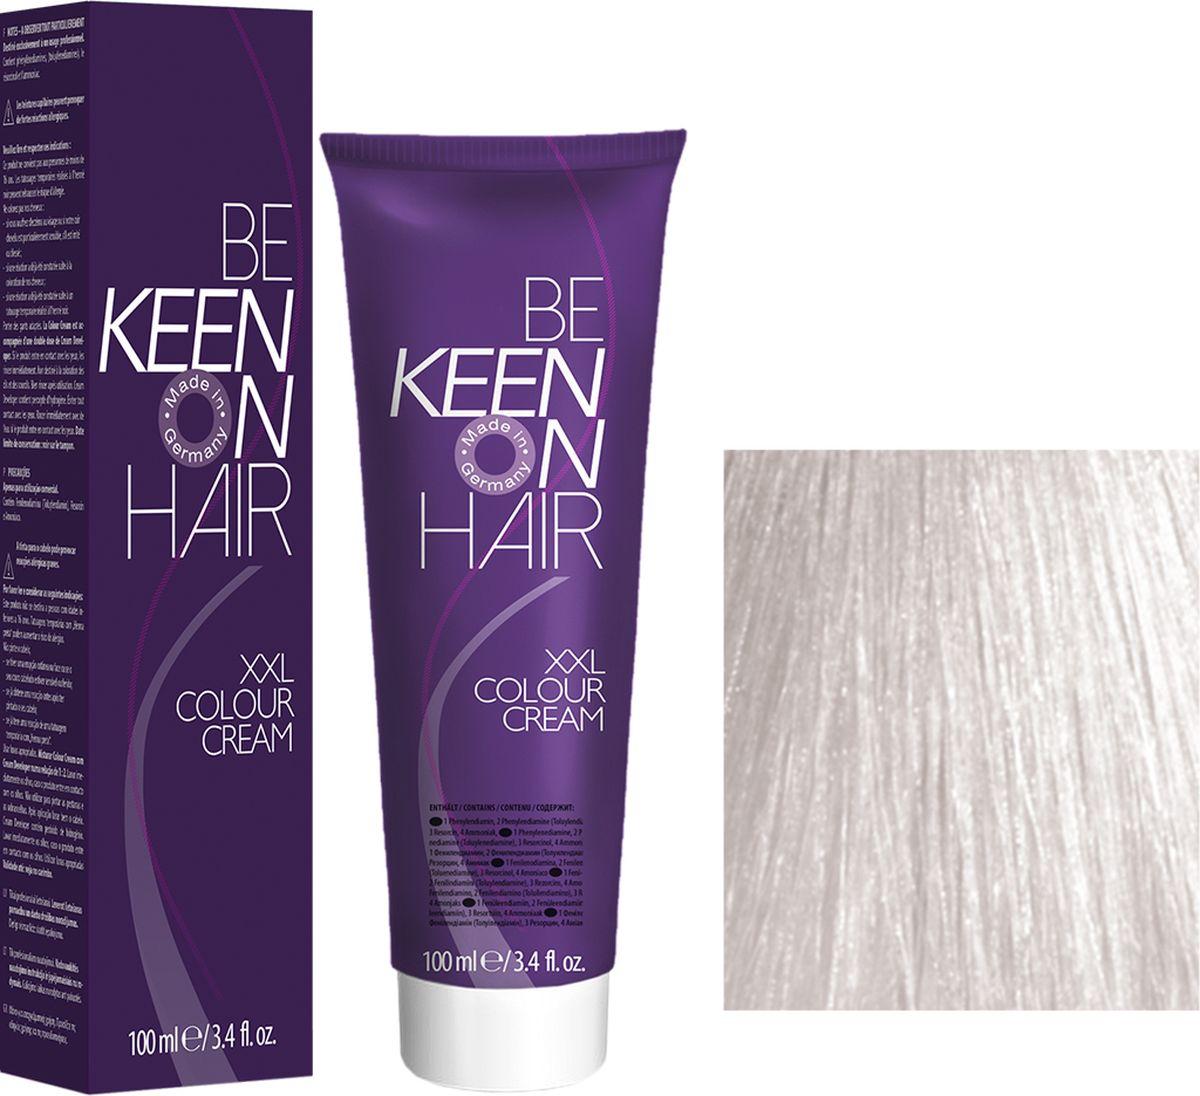 Keen Краска для волос 0.0 Супер осветлитель Superaufheller, 100 мл69100000Модные оттенкиБолее 100 оттенков для креативной комбинации цветов.ЭкономичностьПри использовании тюбика 100 мл вы получаете оптимальное соотношение цены и качества!УходМолочный белок поддерживает структуру волоса во время окрашивания и придает волосам блеск и шелковистость. Протеины хорошо встраиваются в волосы и снабжают их влагой.